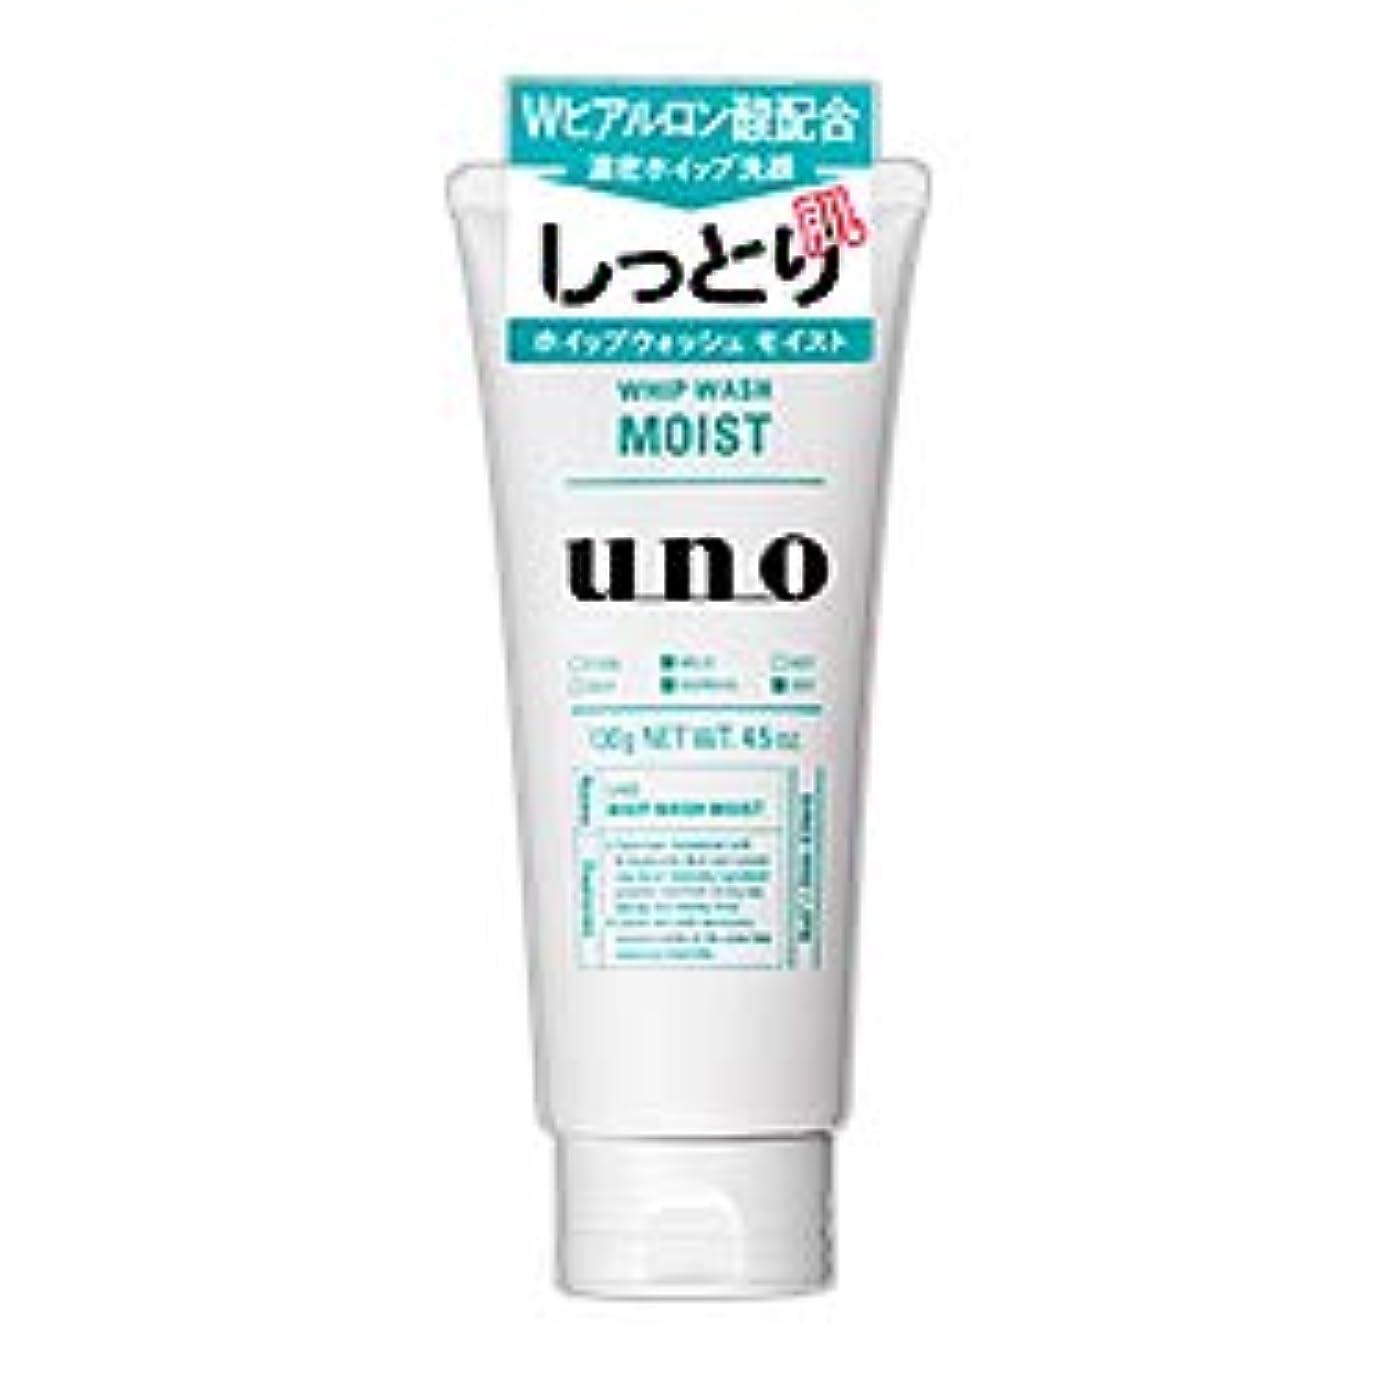 クランプ見捨てられた矩形【資生堂】ウーノ(uno) ホイップウォッシュ (モイスト) 130g ×4個セット